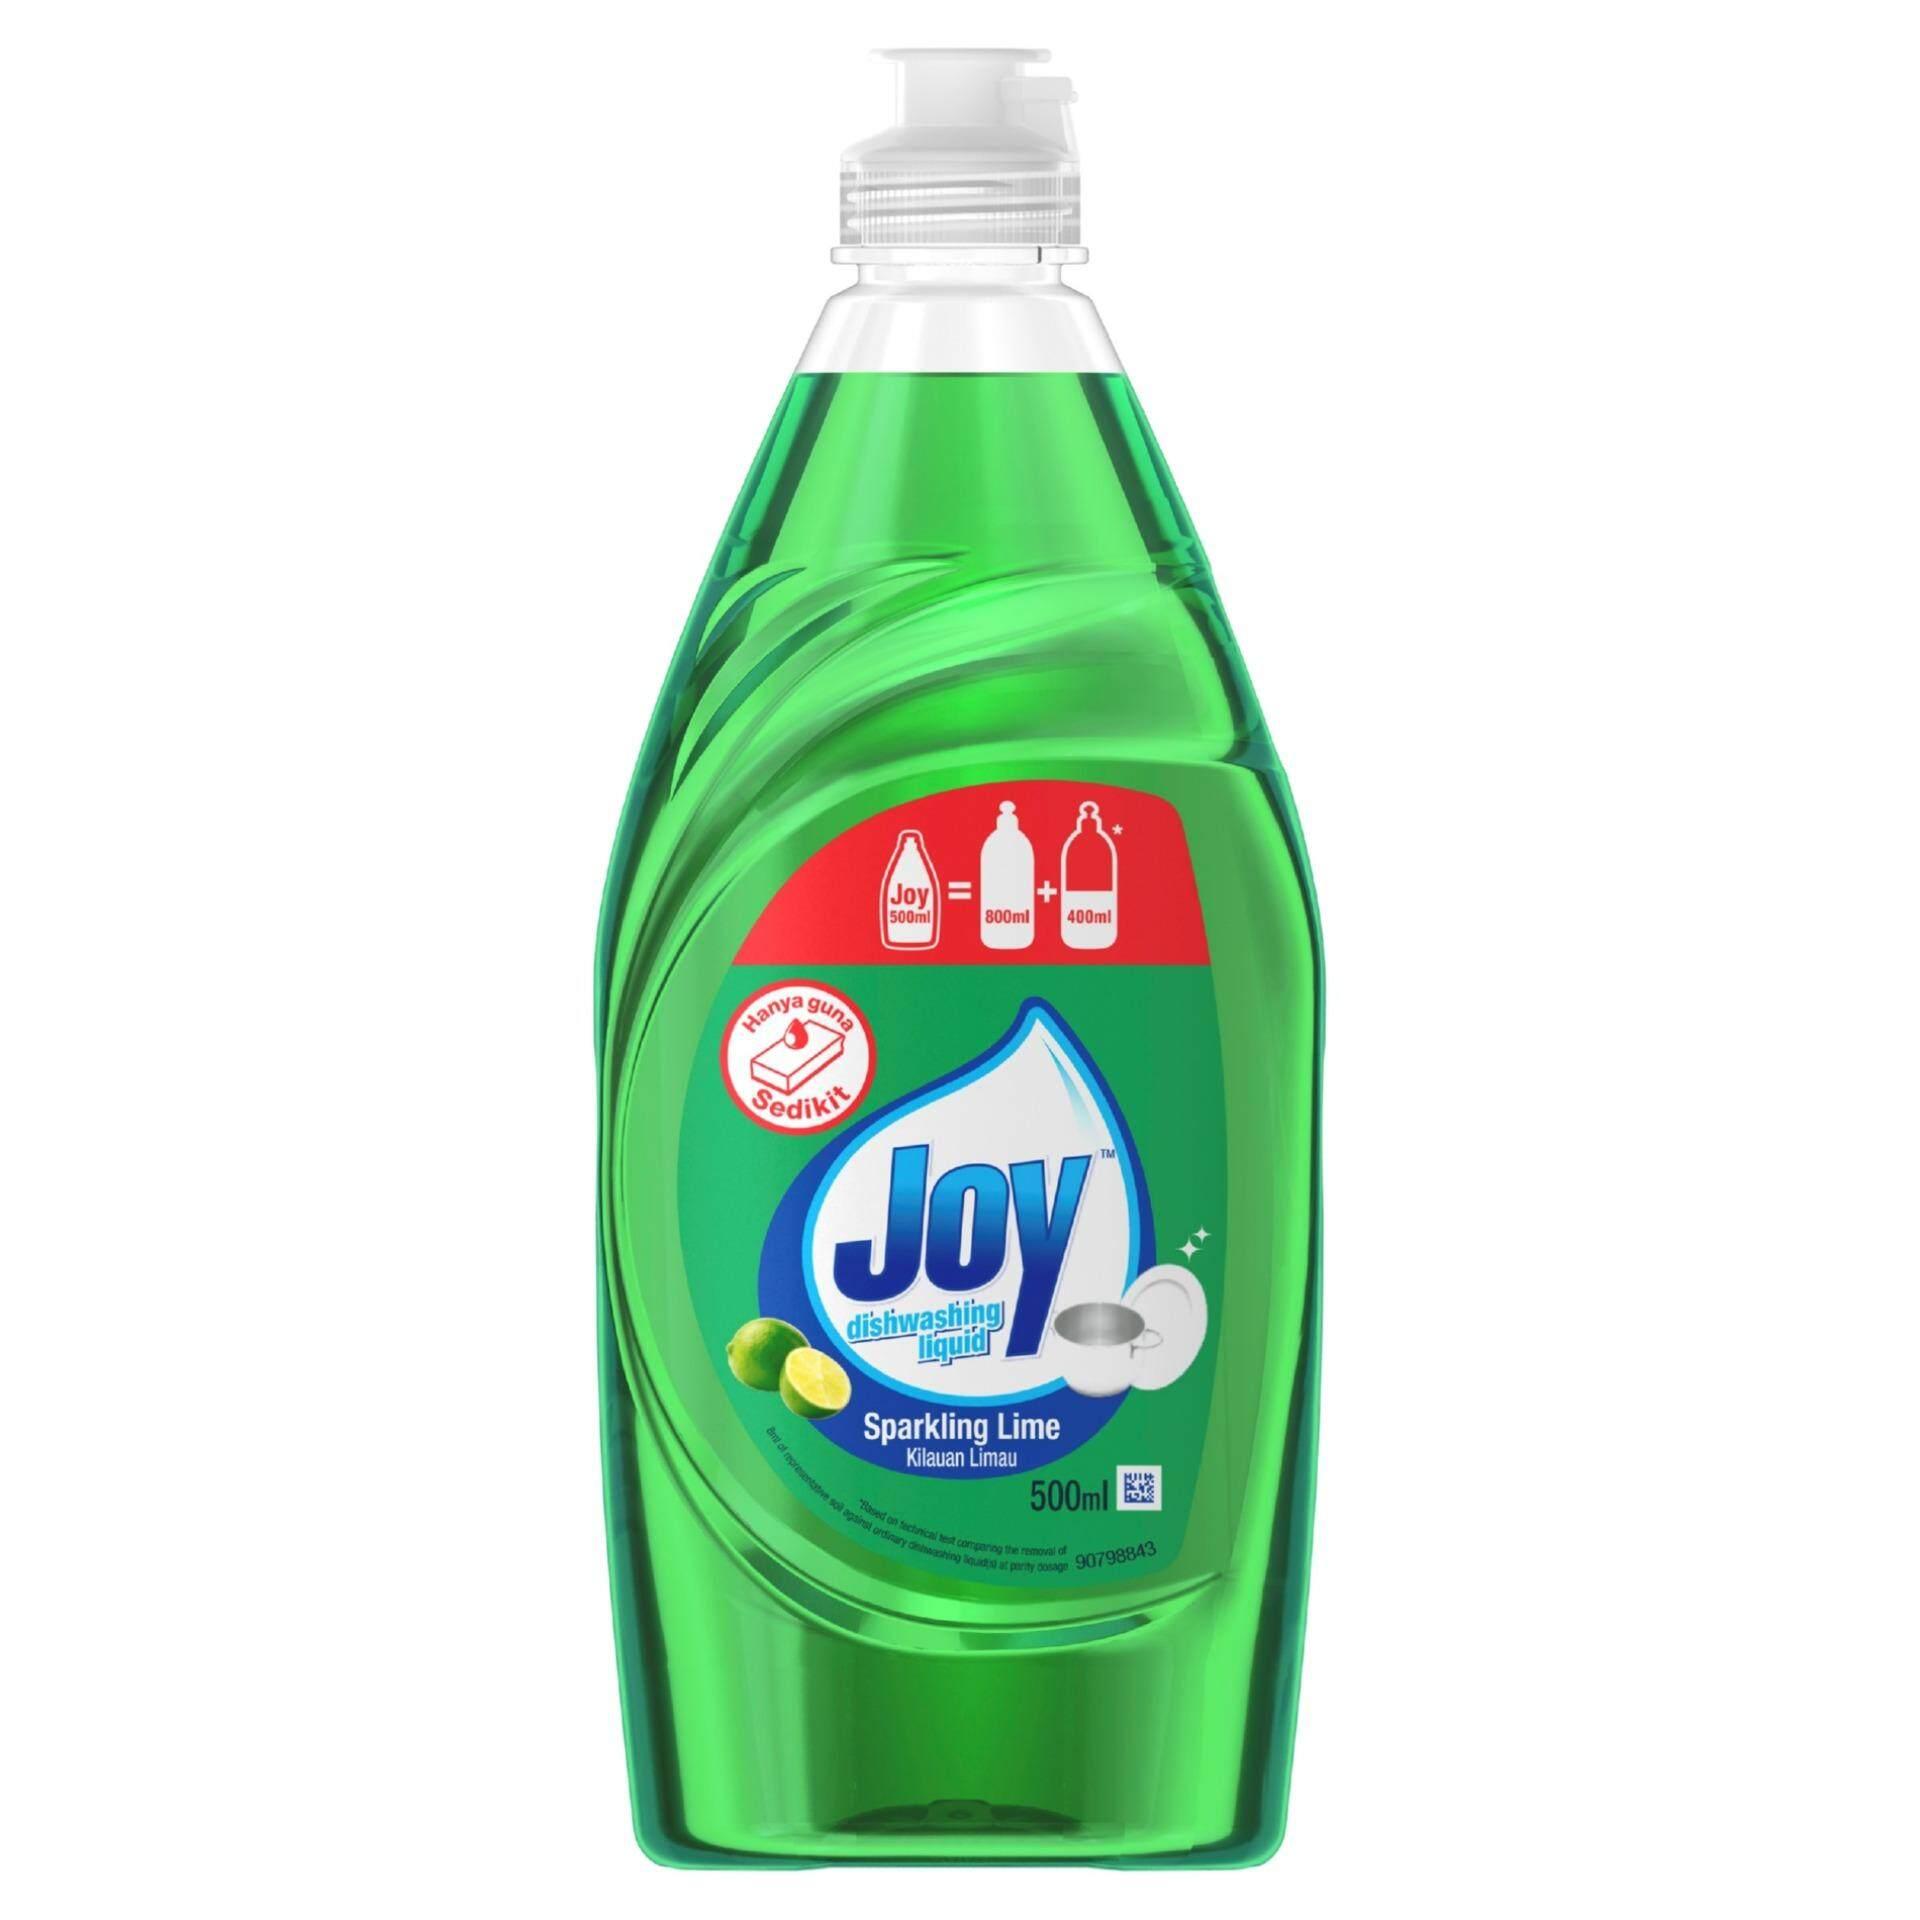 Joy Hand Dishwashing Liquid Bottle 500ML LIME